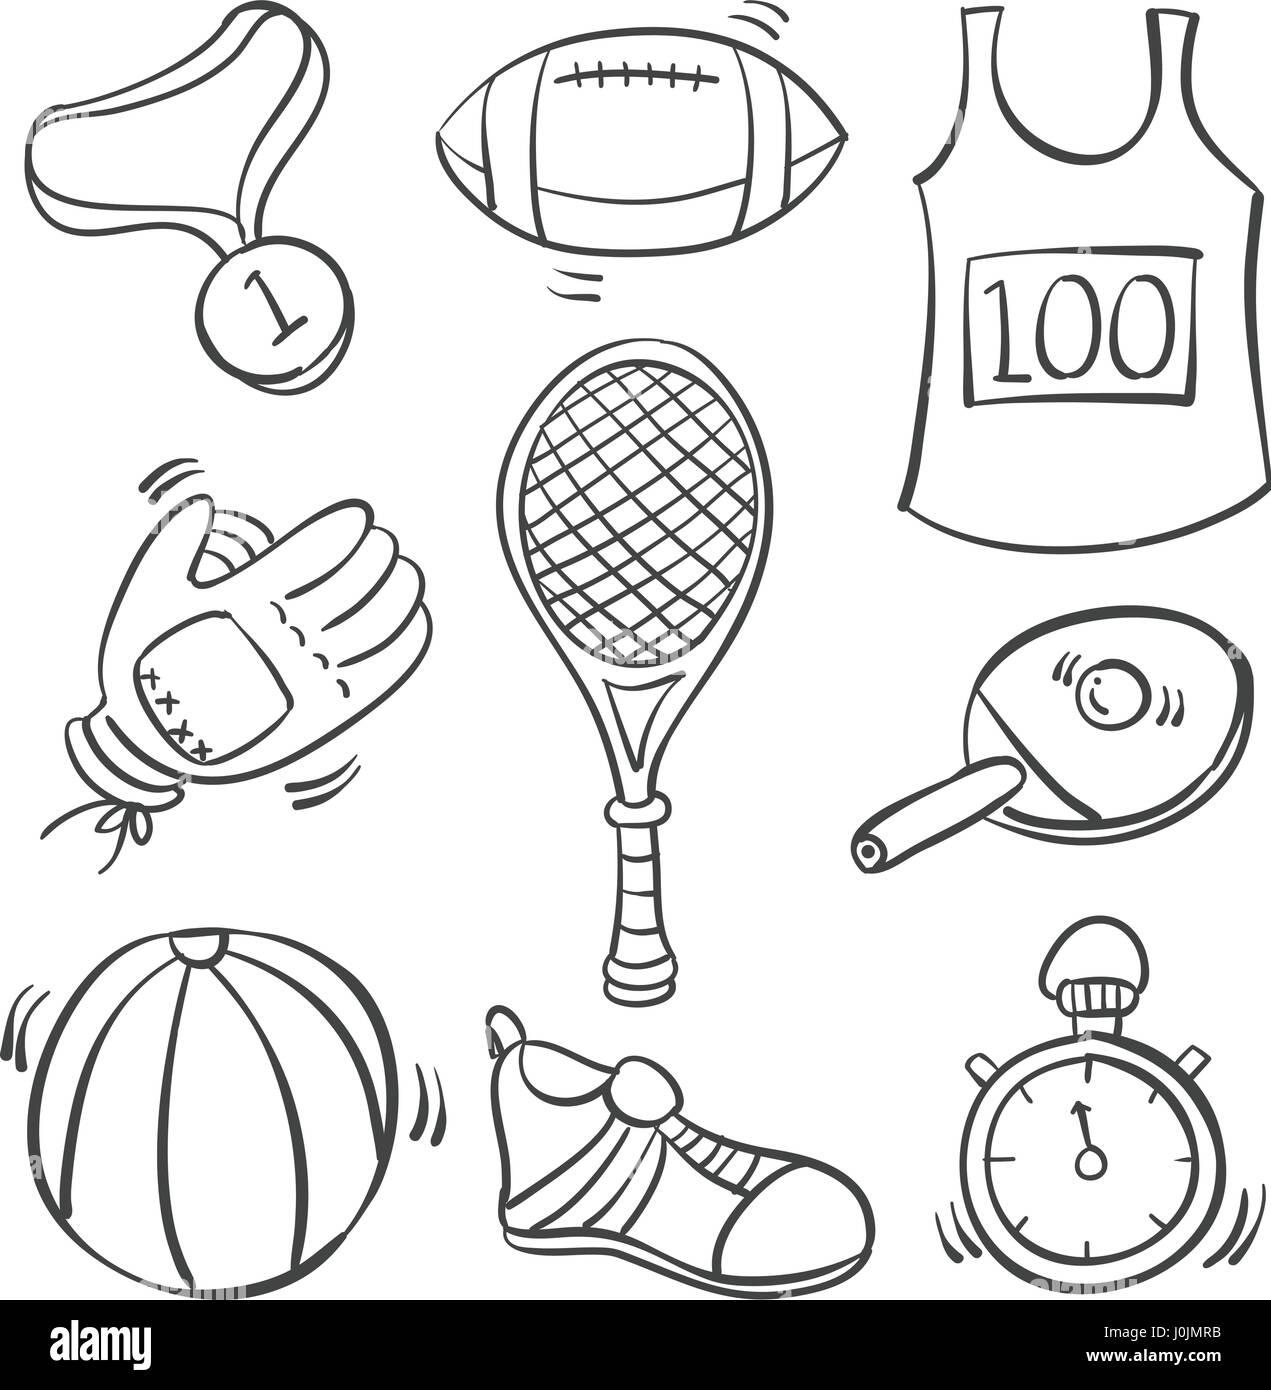 рисунок спортивные принадлежности карандашом известного бизнесмена собирает